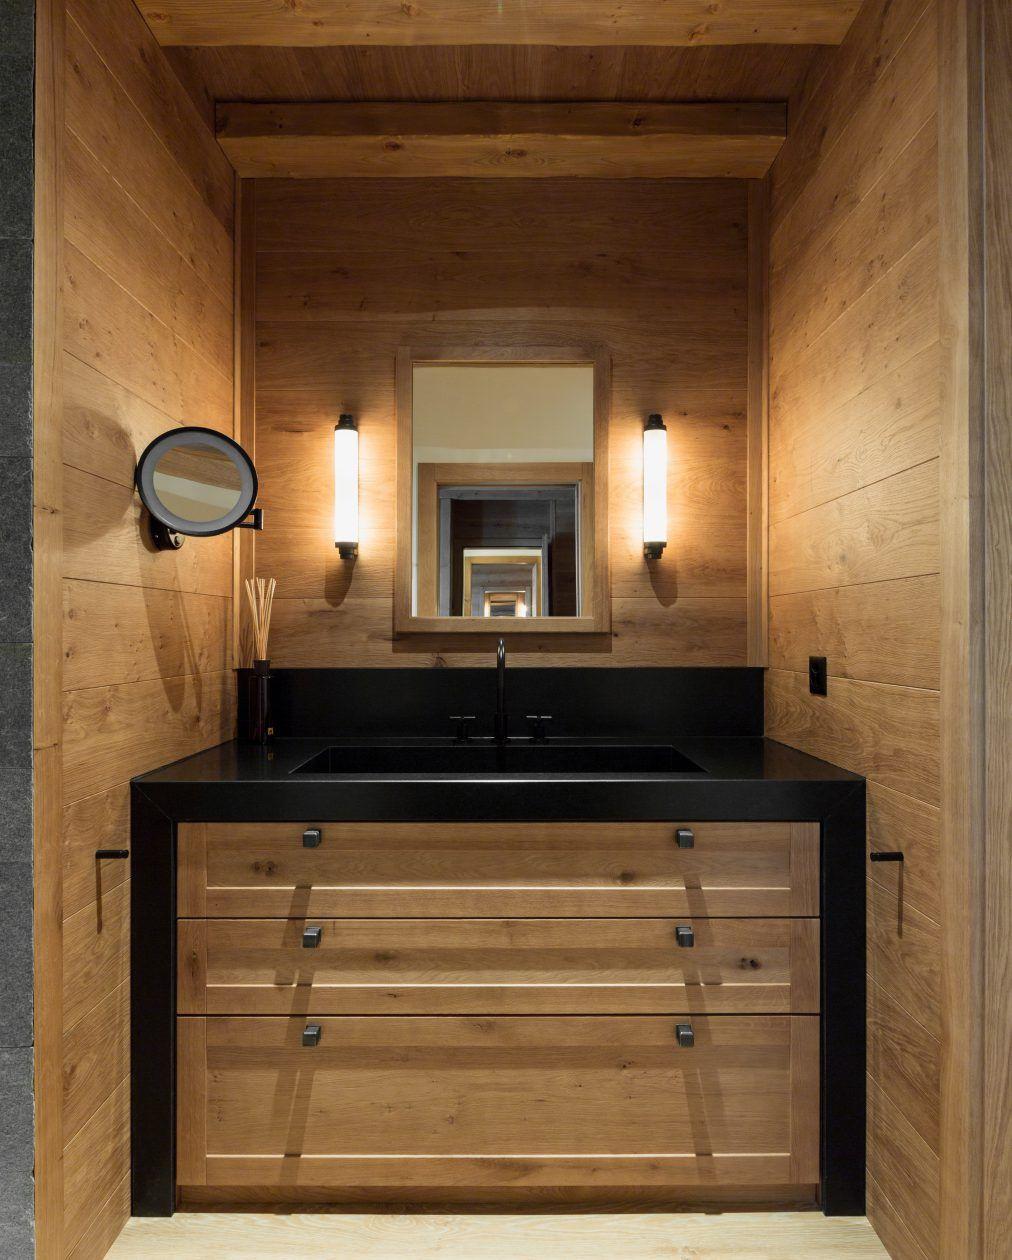 massangefertitger naturstein waschtisch im badezimmer | wellness, Badezimmer ideen